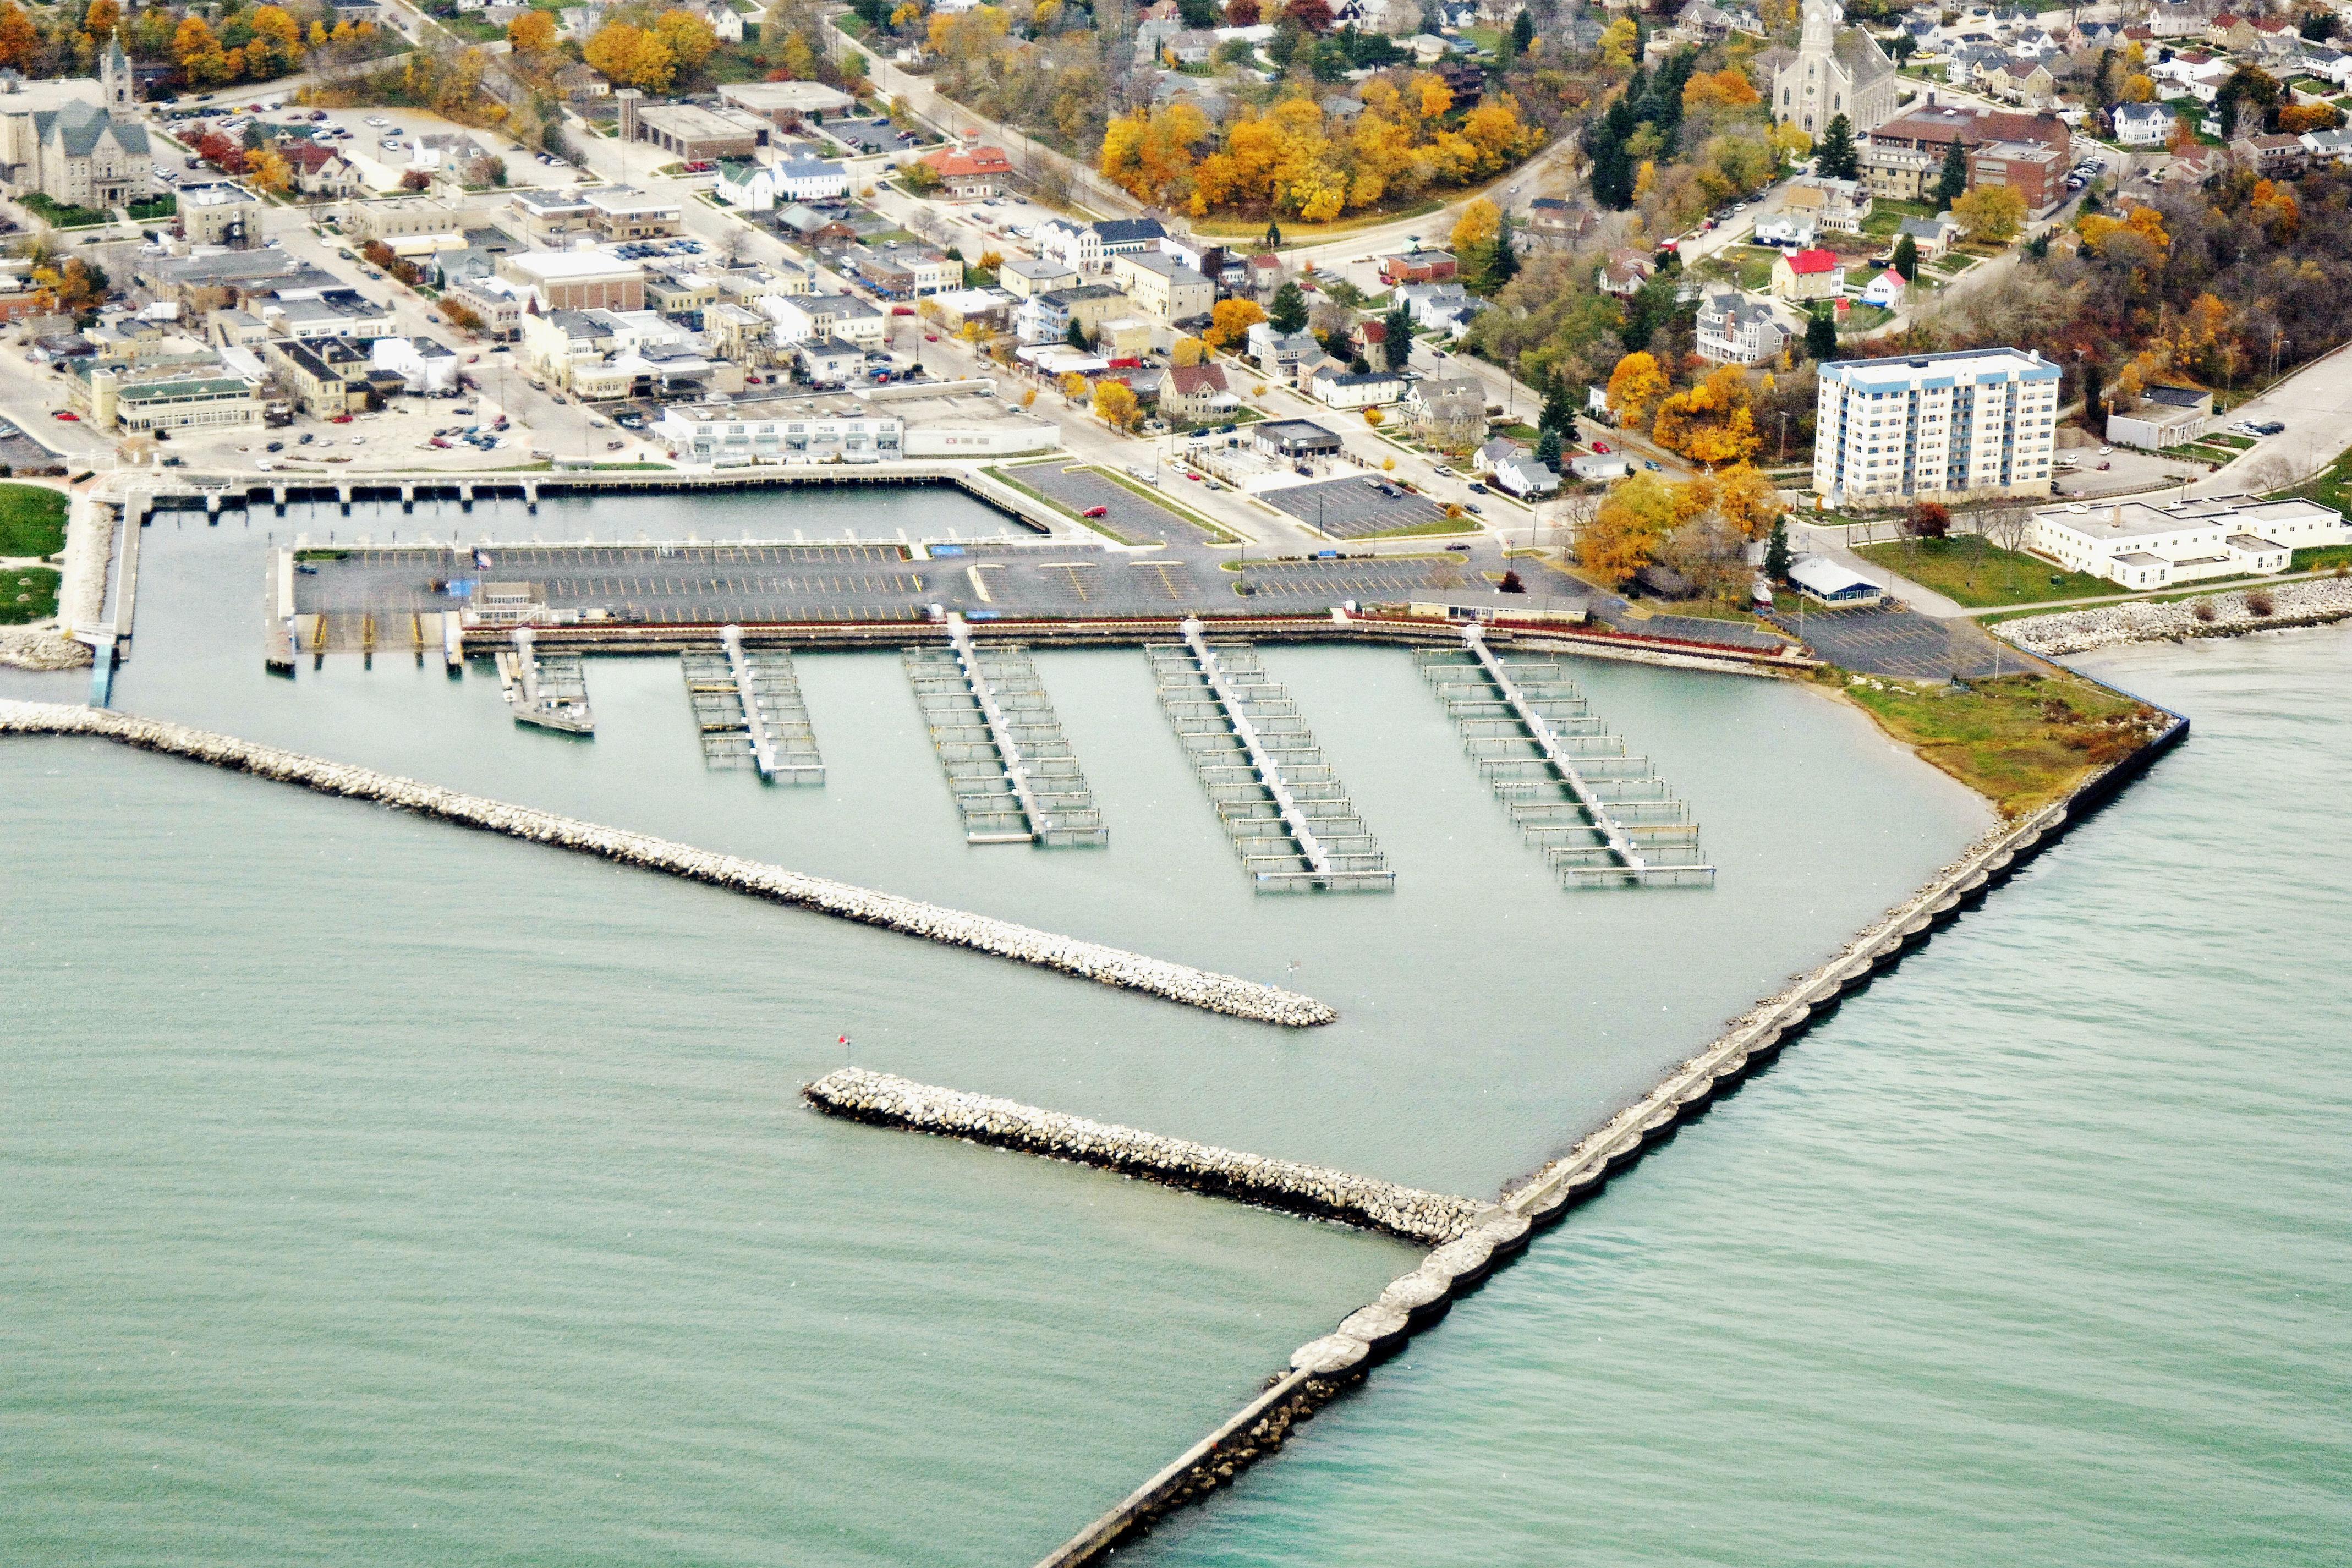 Port washington municipal marina in port washington wi for Port washington wi